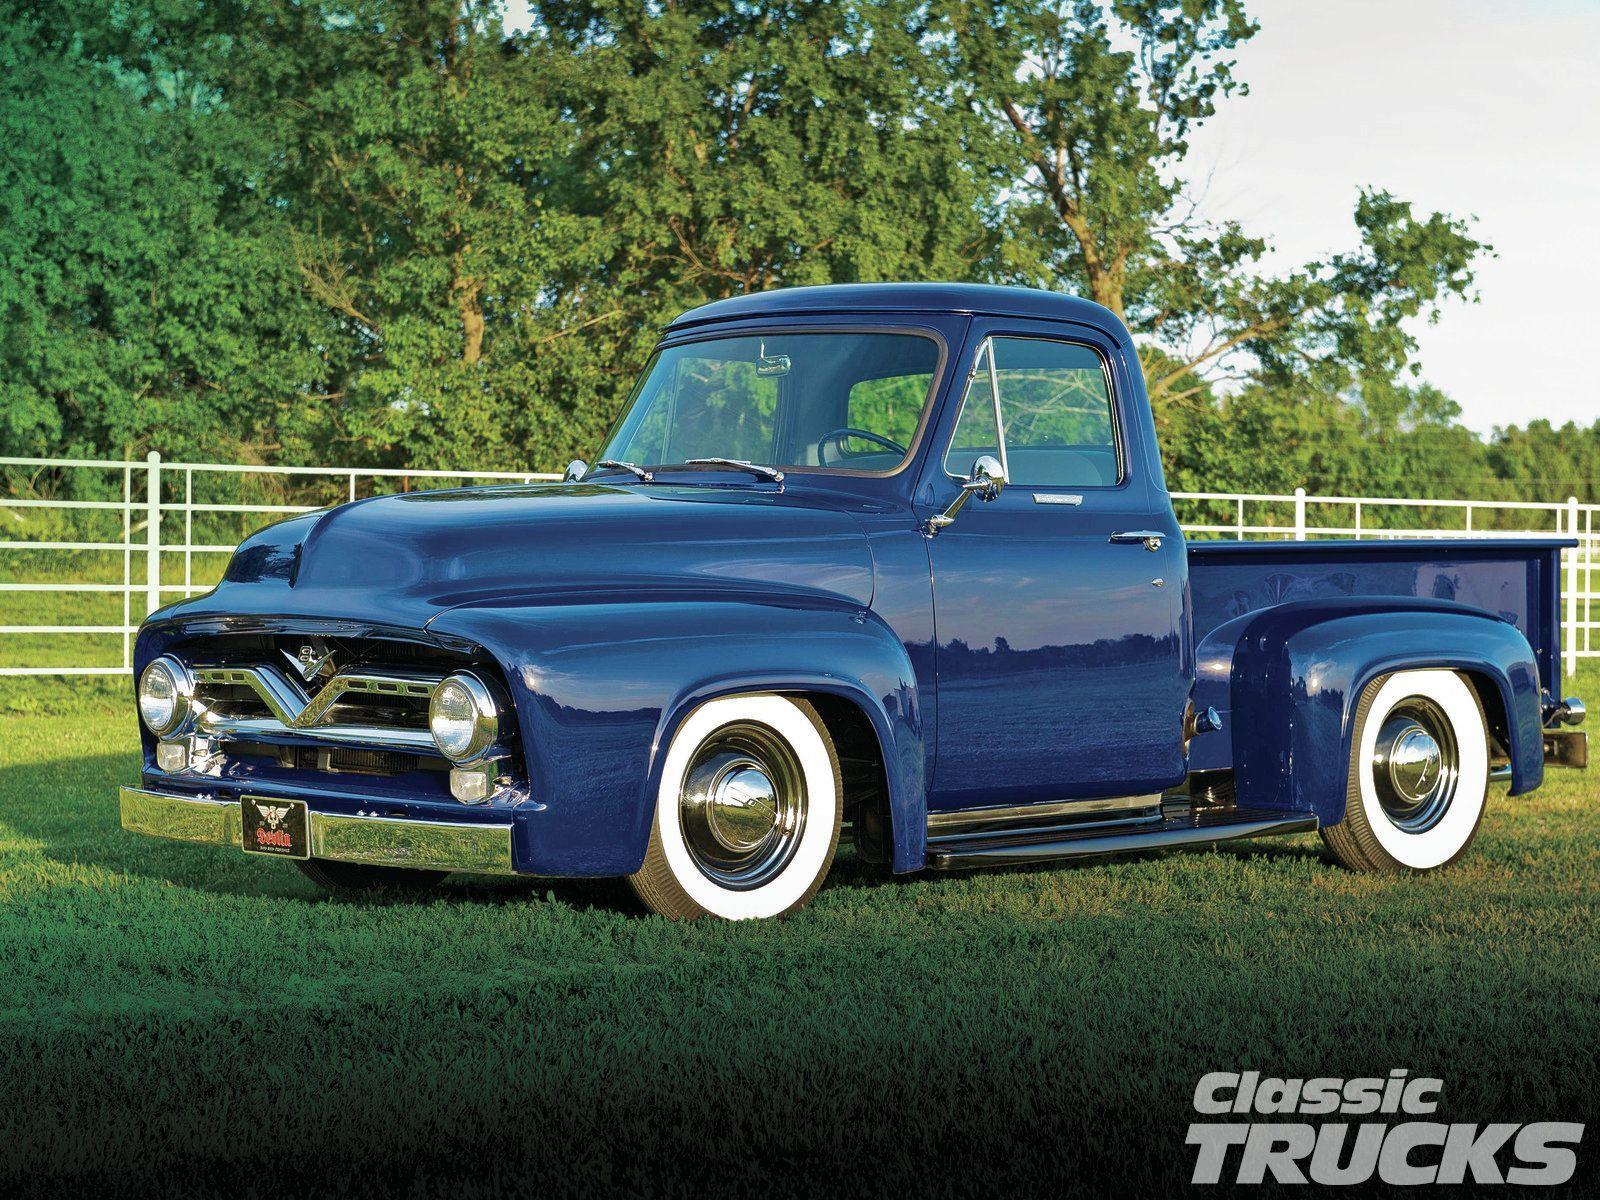 1955 Ford F100 [Desktop wallpaper 1600x1200] Trucks Etc 1600x1200